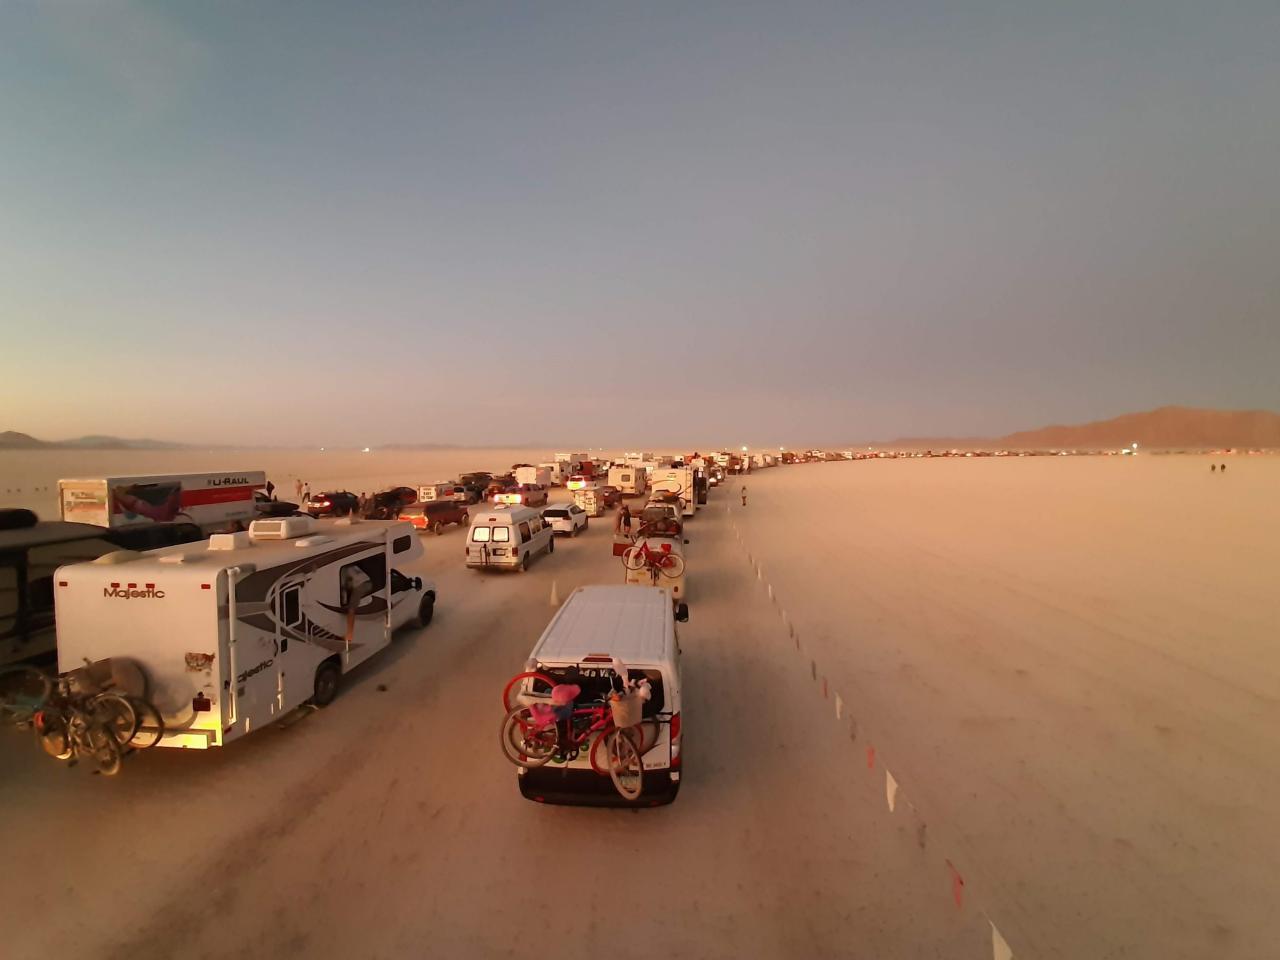 Создание арт-объекта для Burning Man - 21